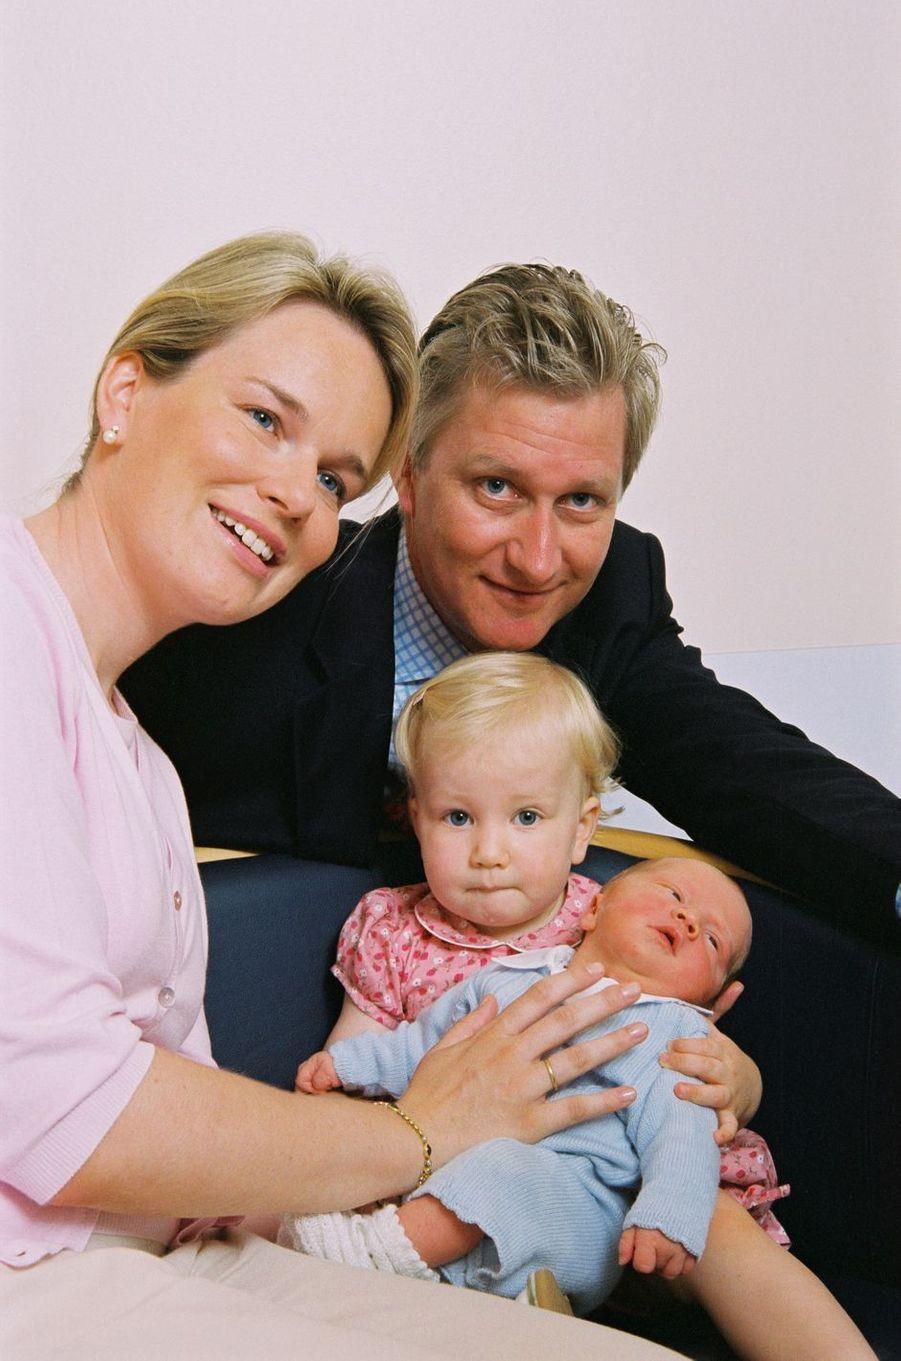 Le prince Gabriel de Belgique avec ses parents et sa soeur la princesse Elisabeth, le 22 août 2003